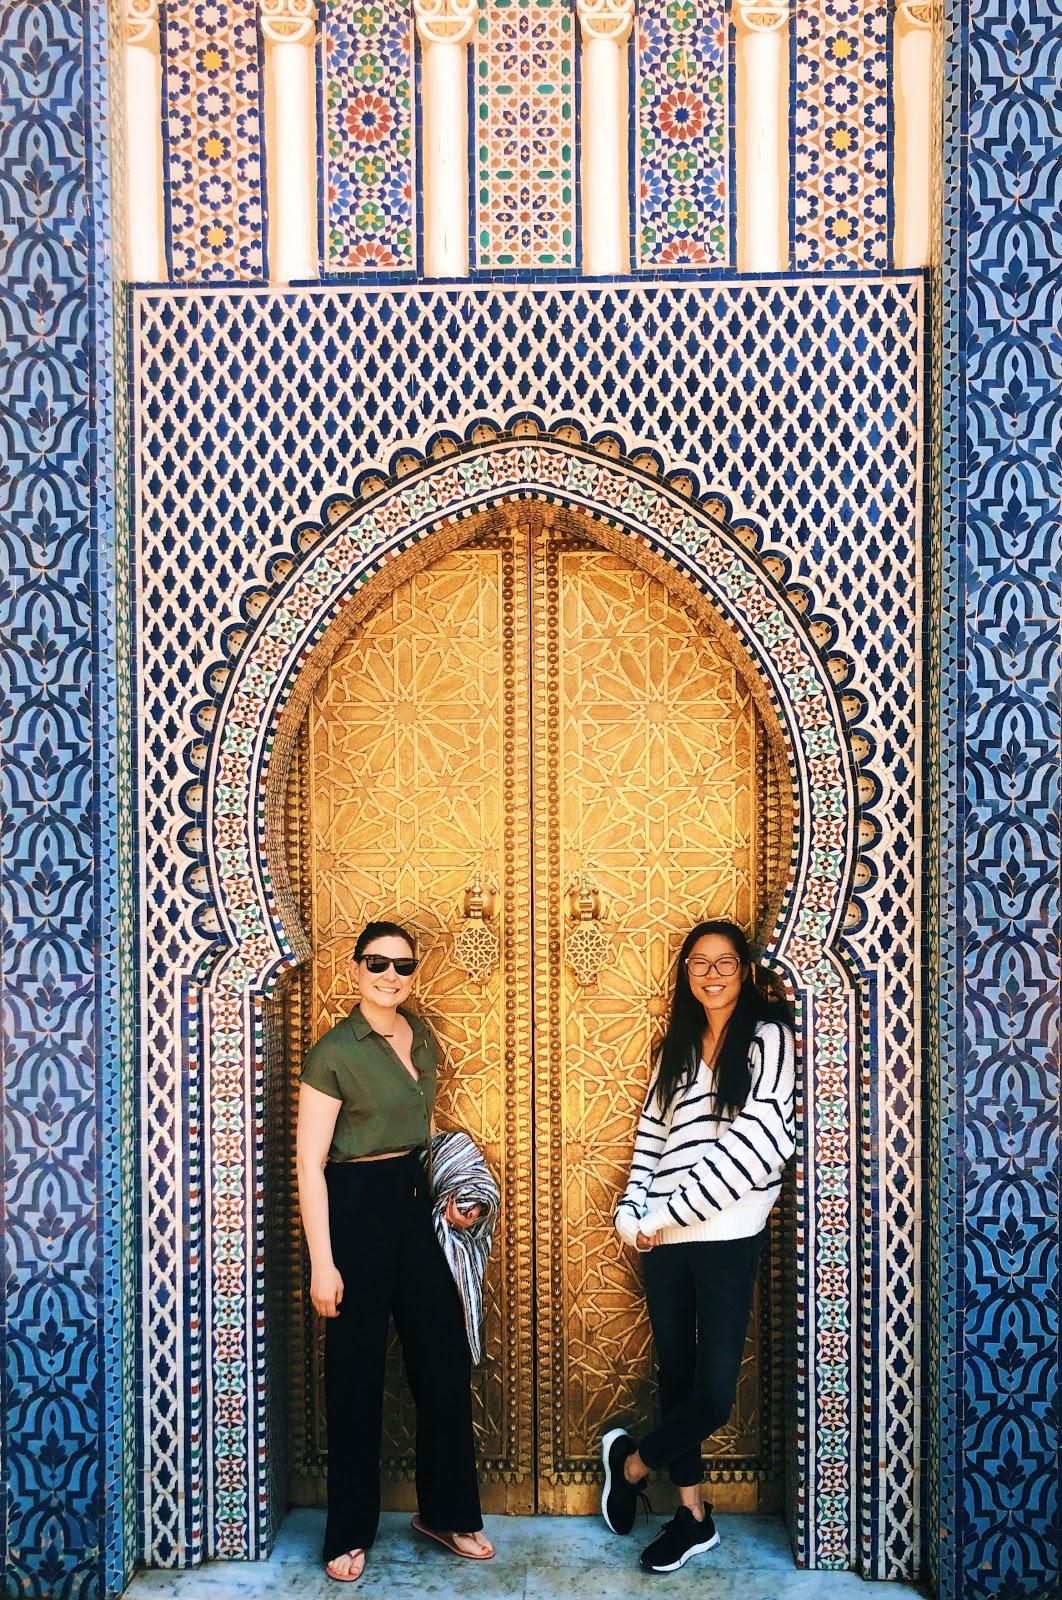 traveler-review-morocco-vacation-haley-door.jpg